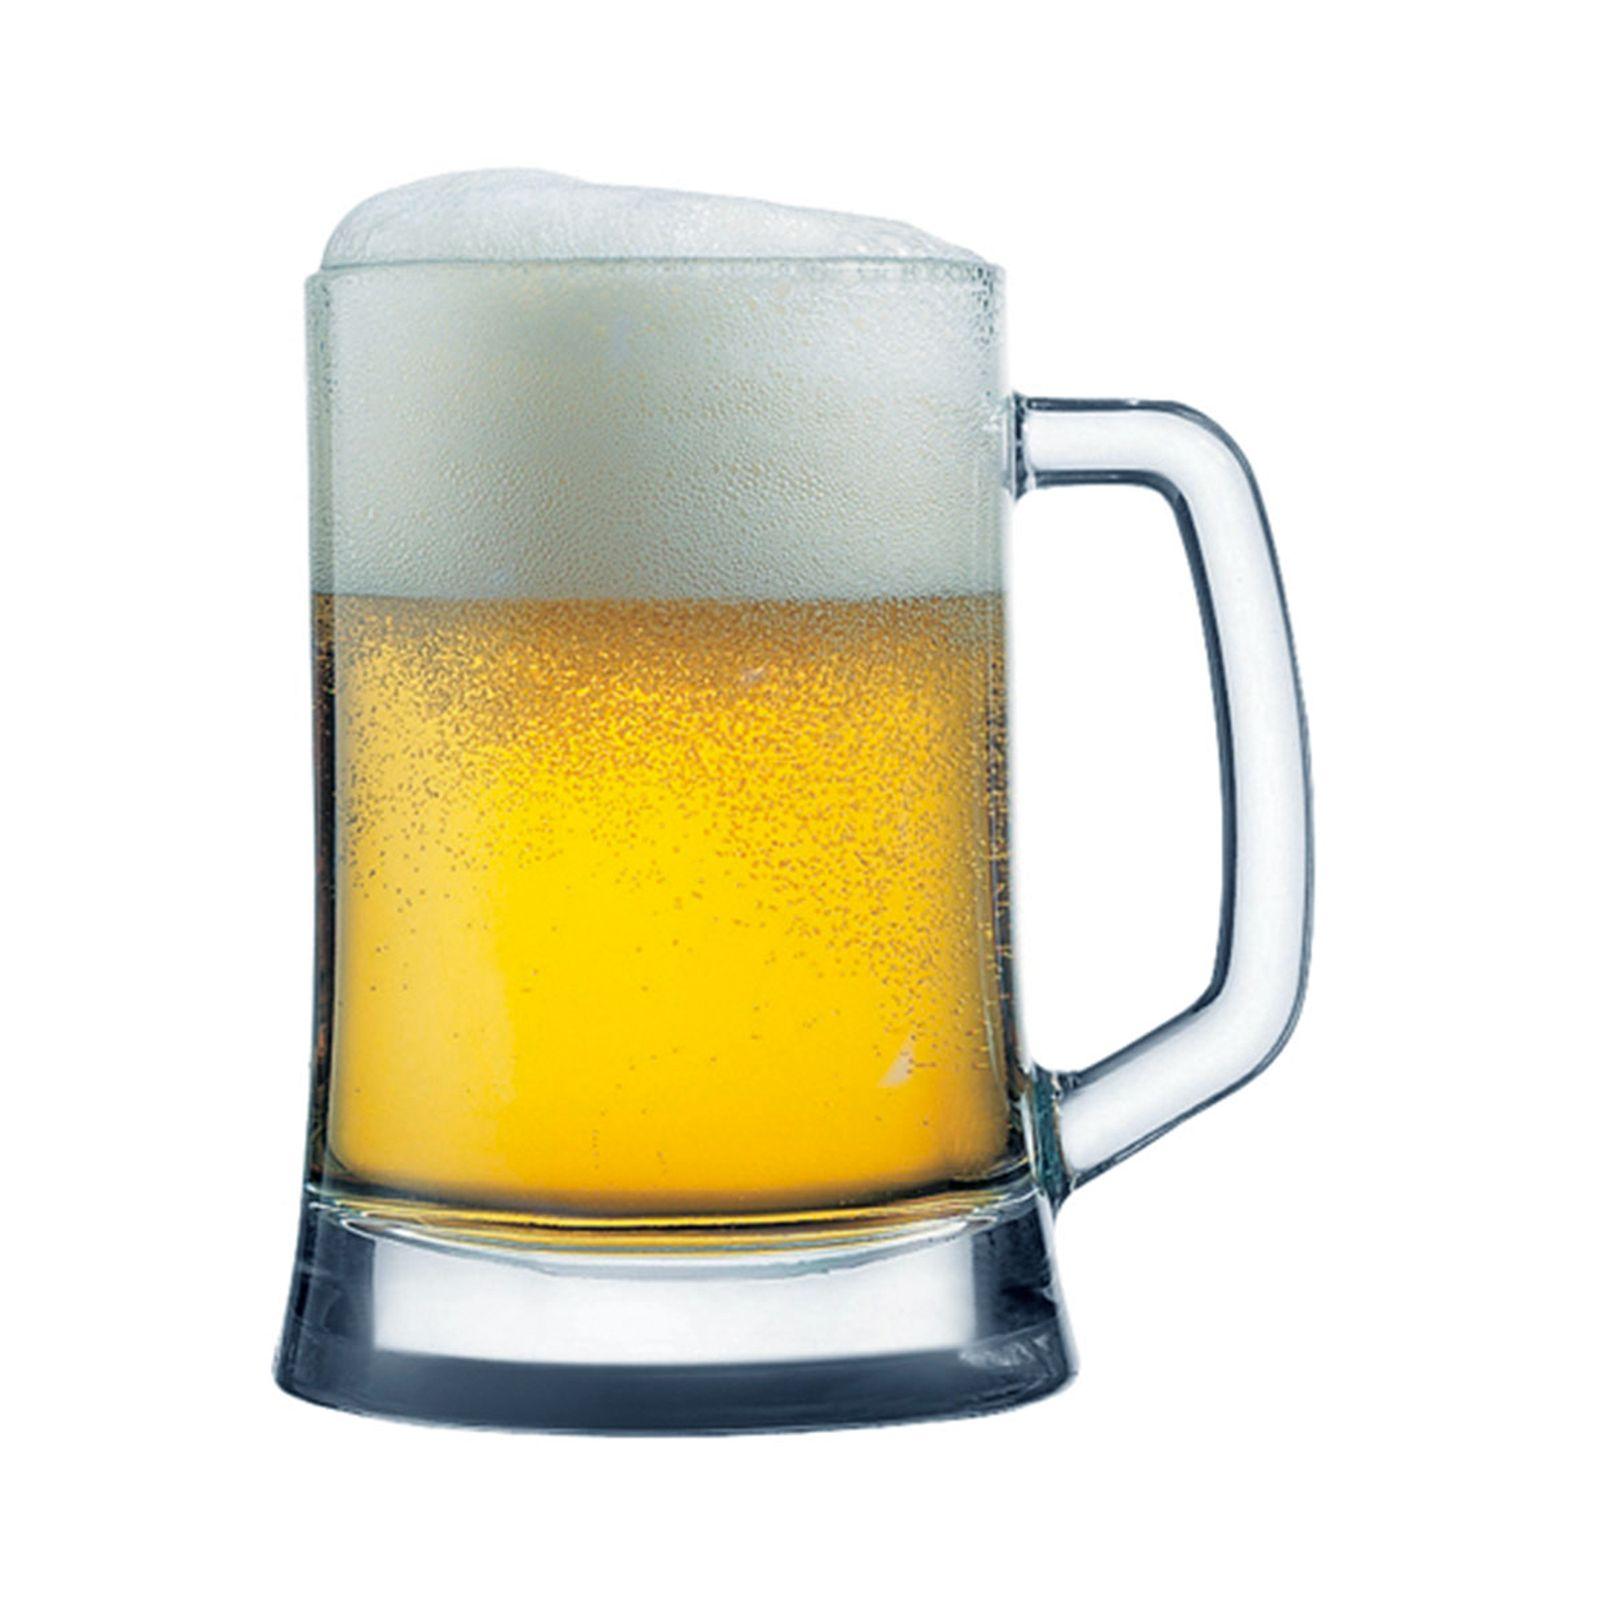 Beer mug Bremen 660 ml PASABAHCE (230313)